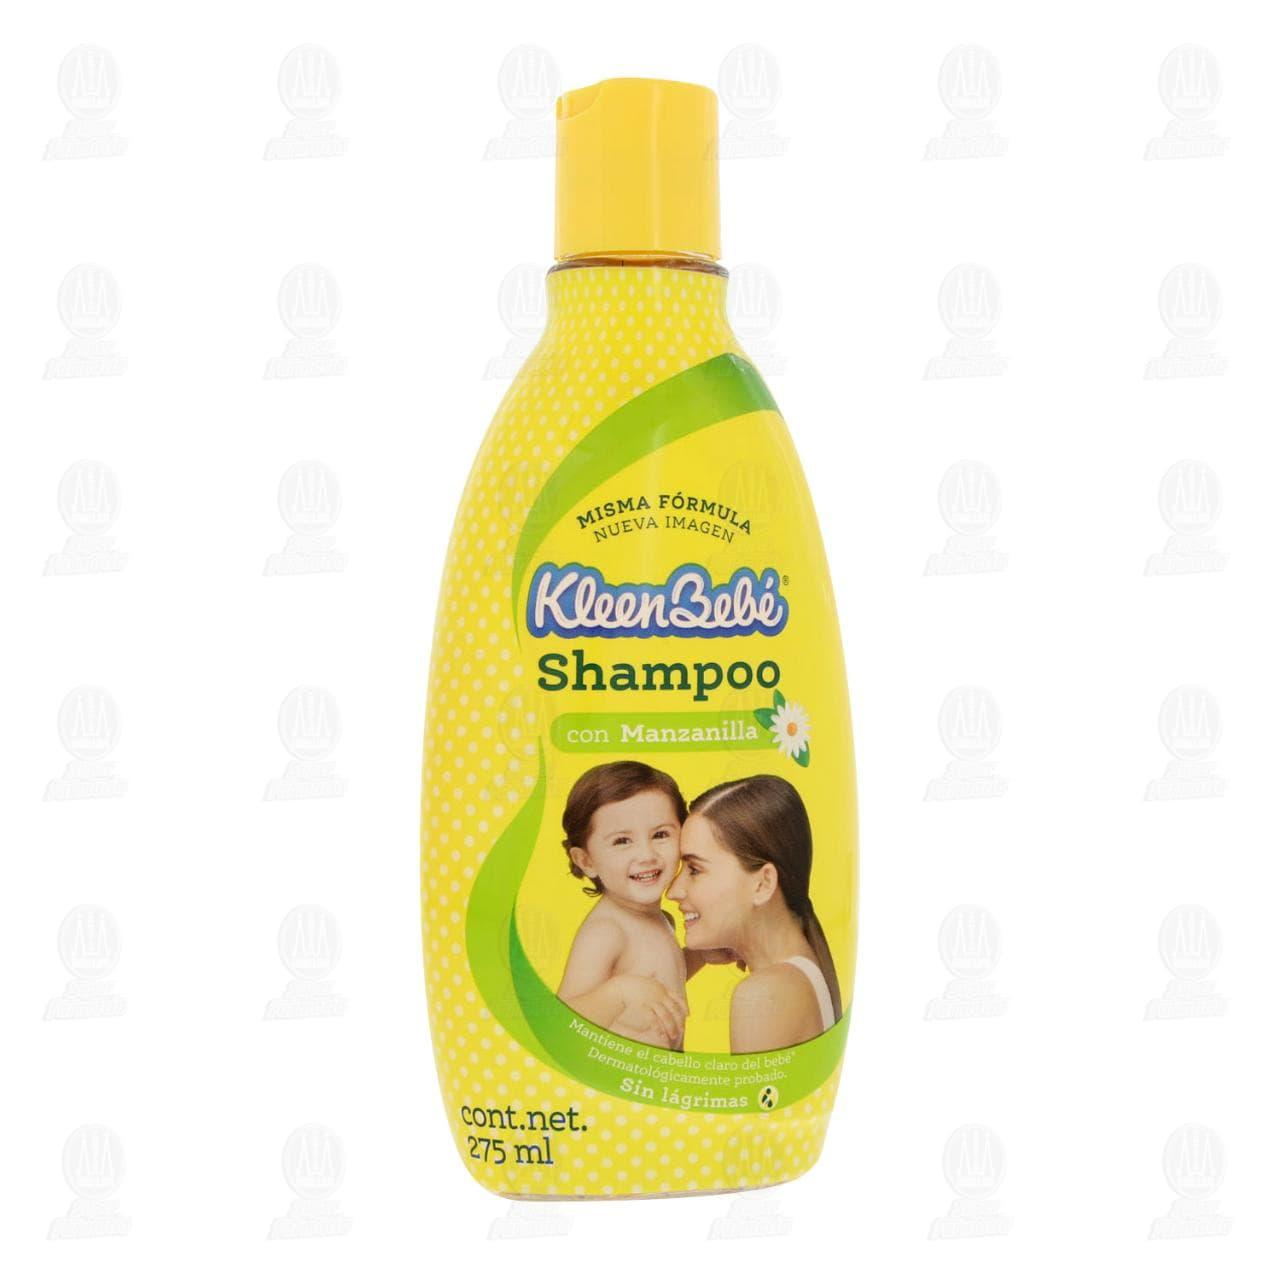 Comprar Shampoo para Bebé KleenBebé con Manzanilla, 275 ml. en Farmacias Guadalajara